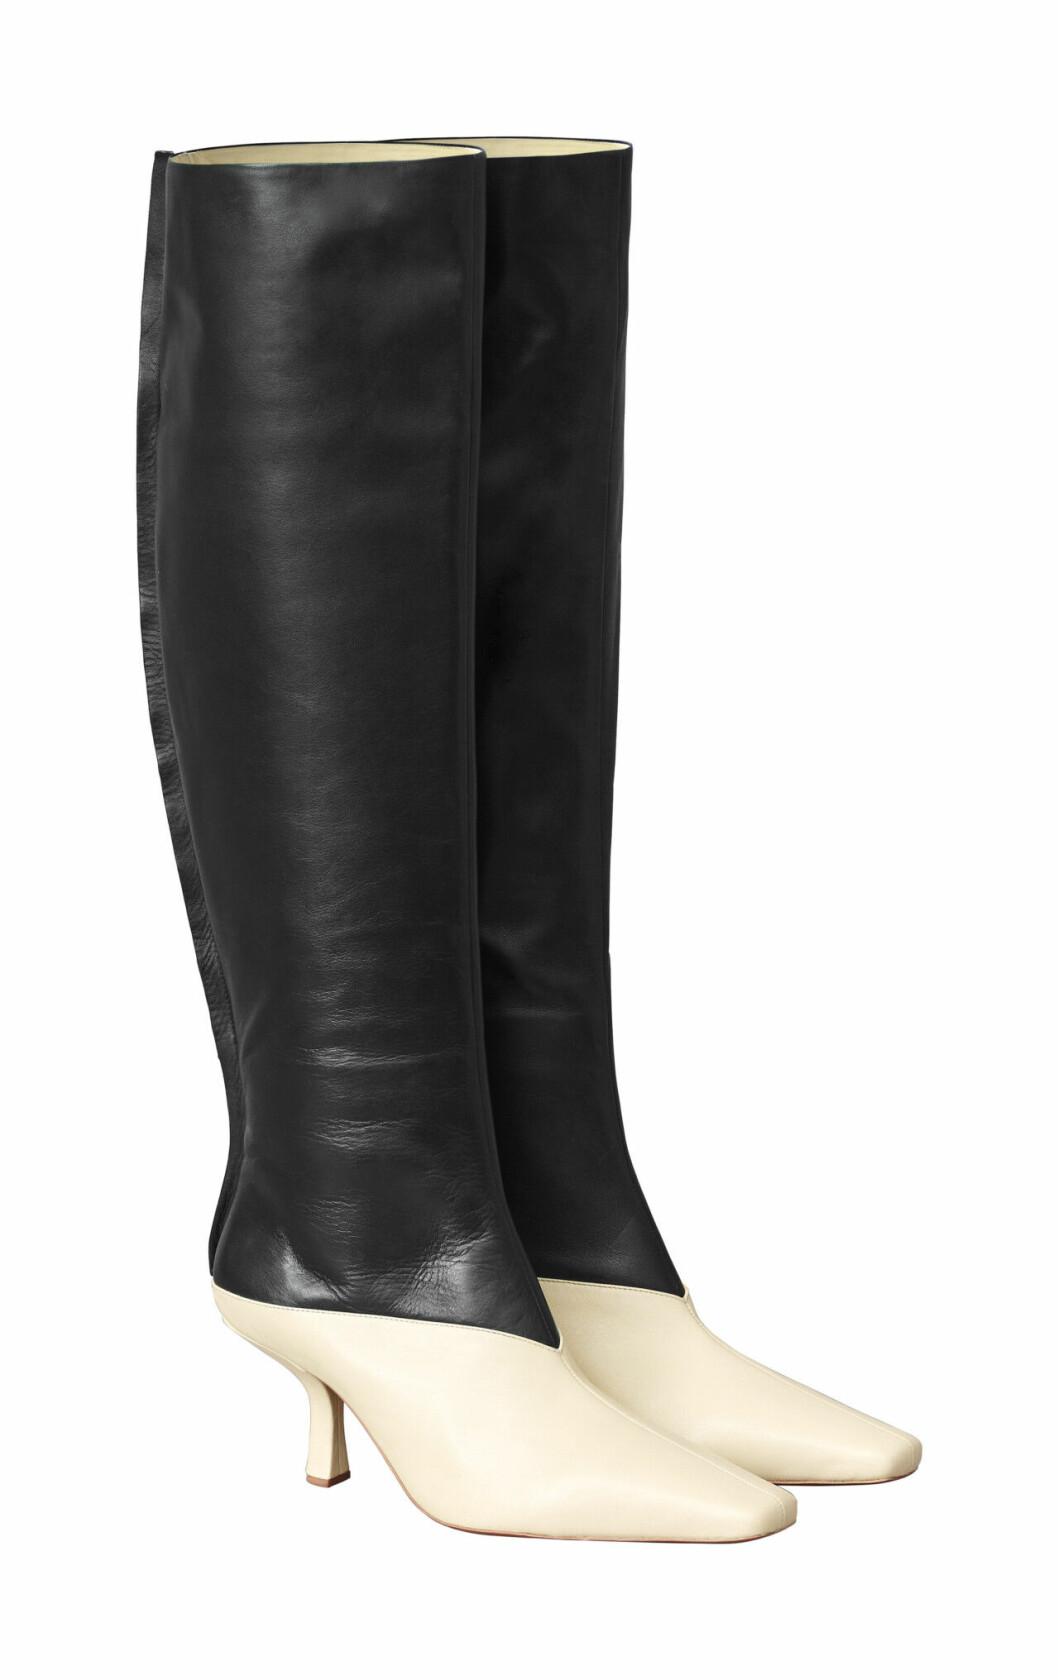 H&M Studio höstkollektion aw 2019 – svartvita stövlar